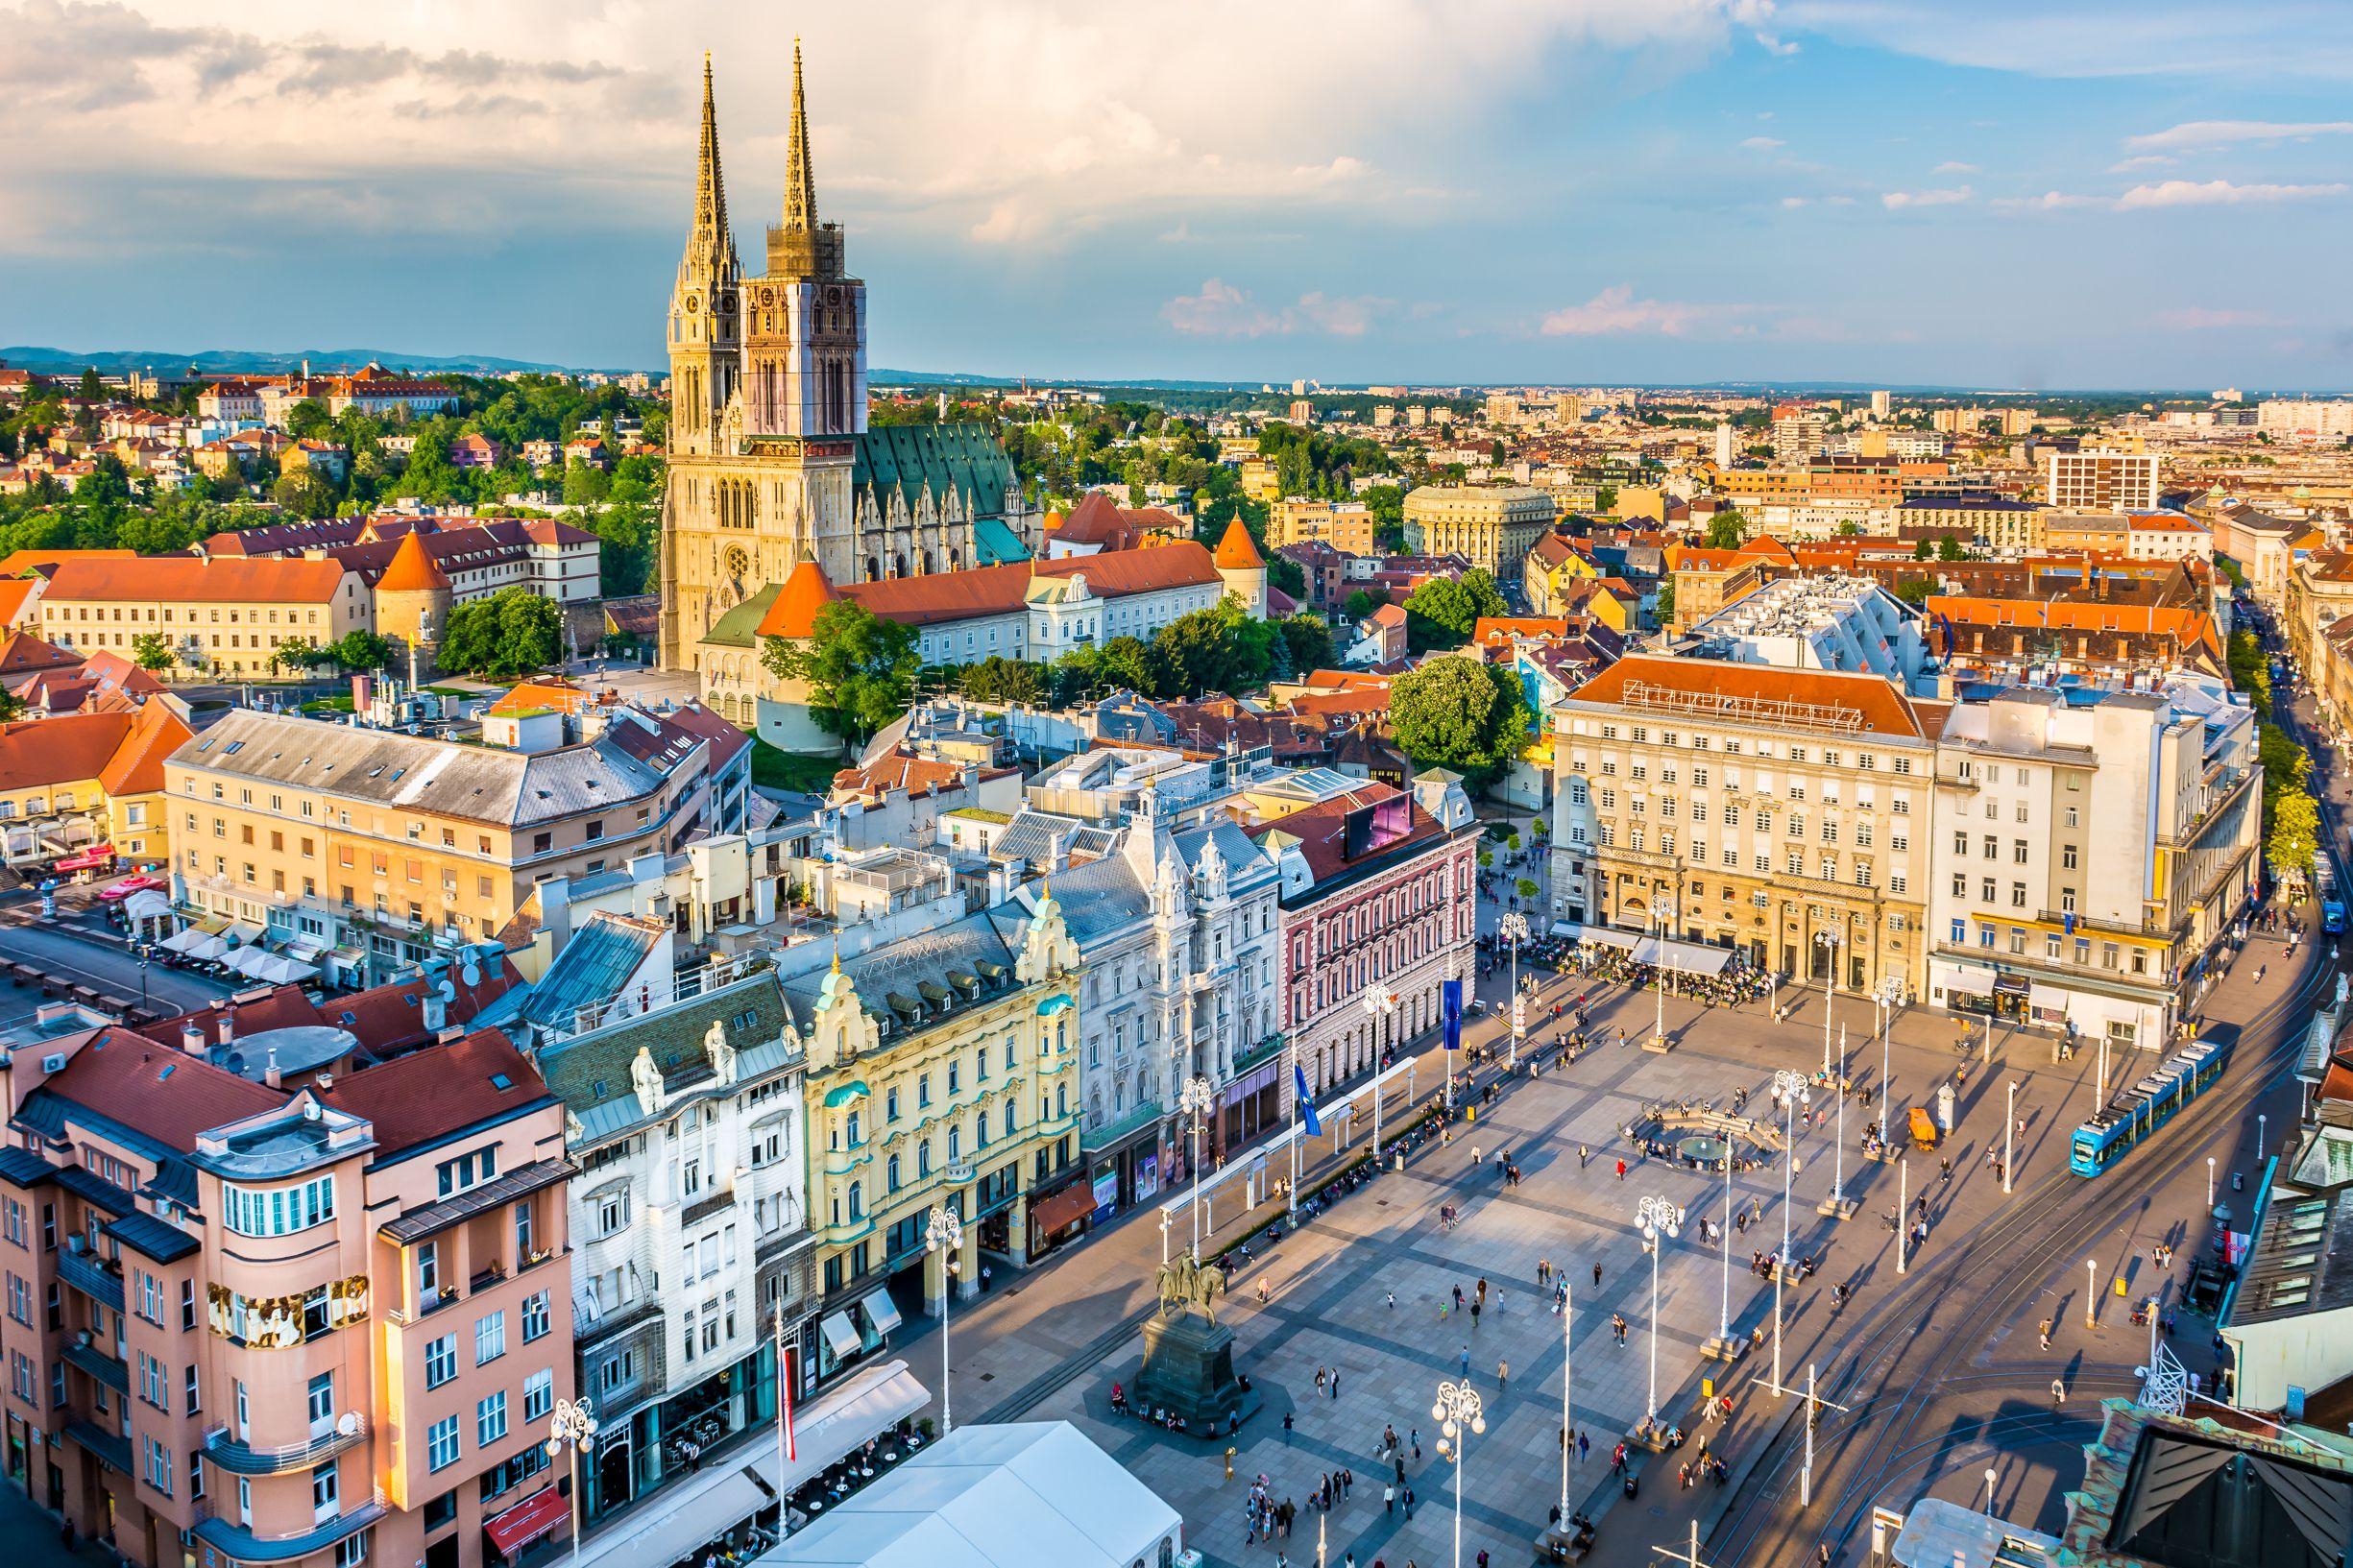 I prestižni Vogue piše o Zagrebu: Nakon pobjede, preporučili što vidjeti, gdje jesti, kupovati...